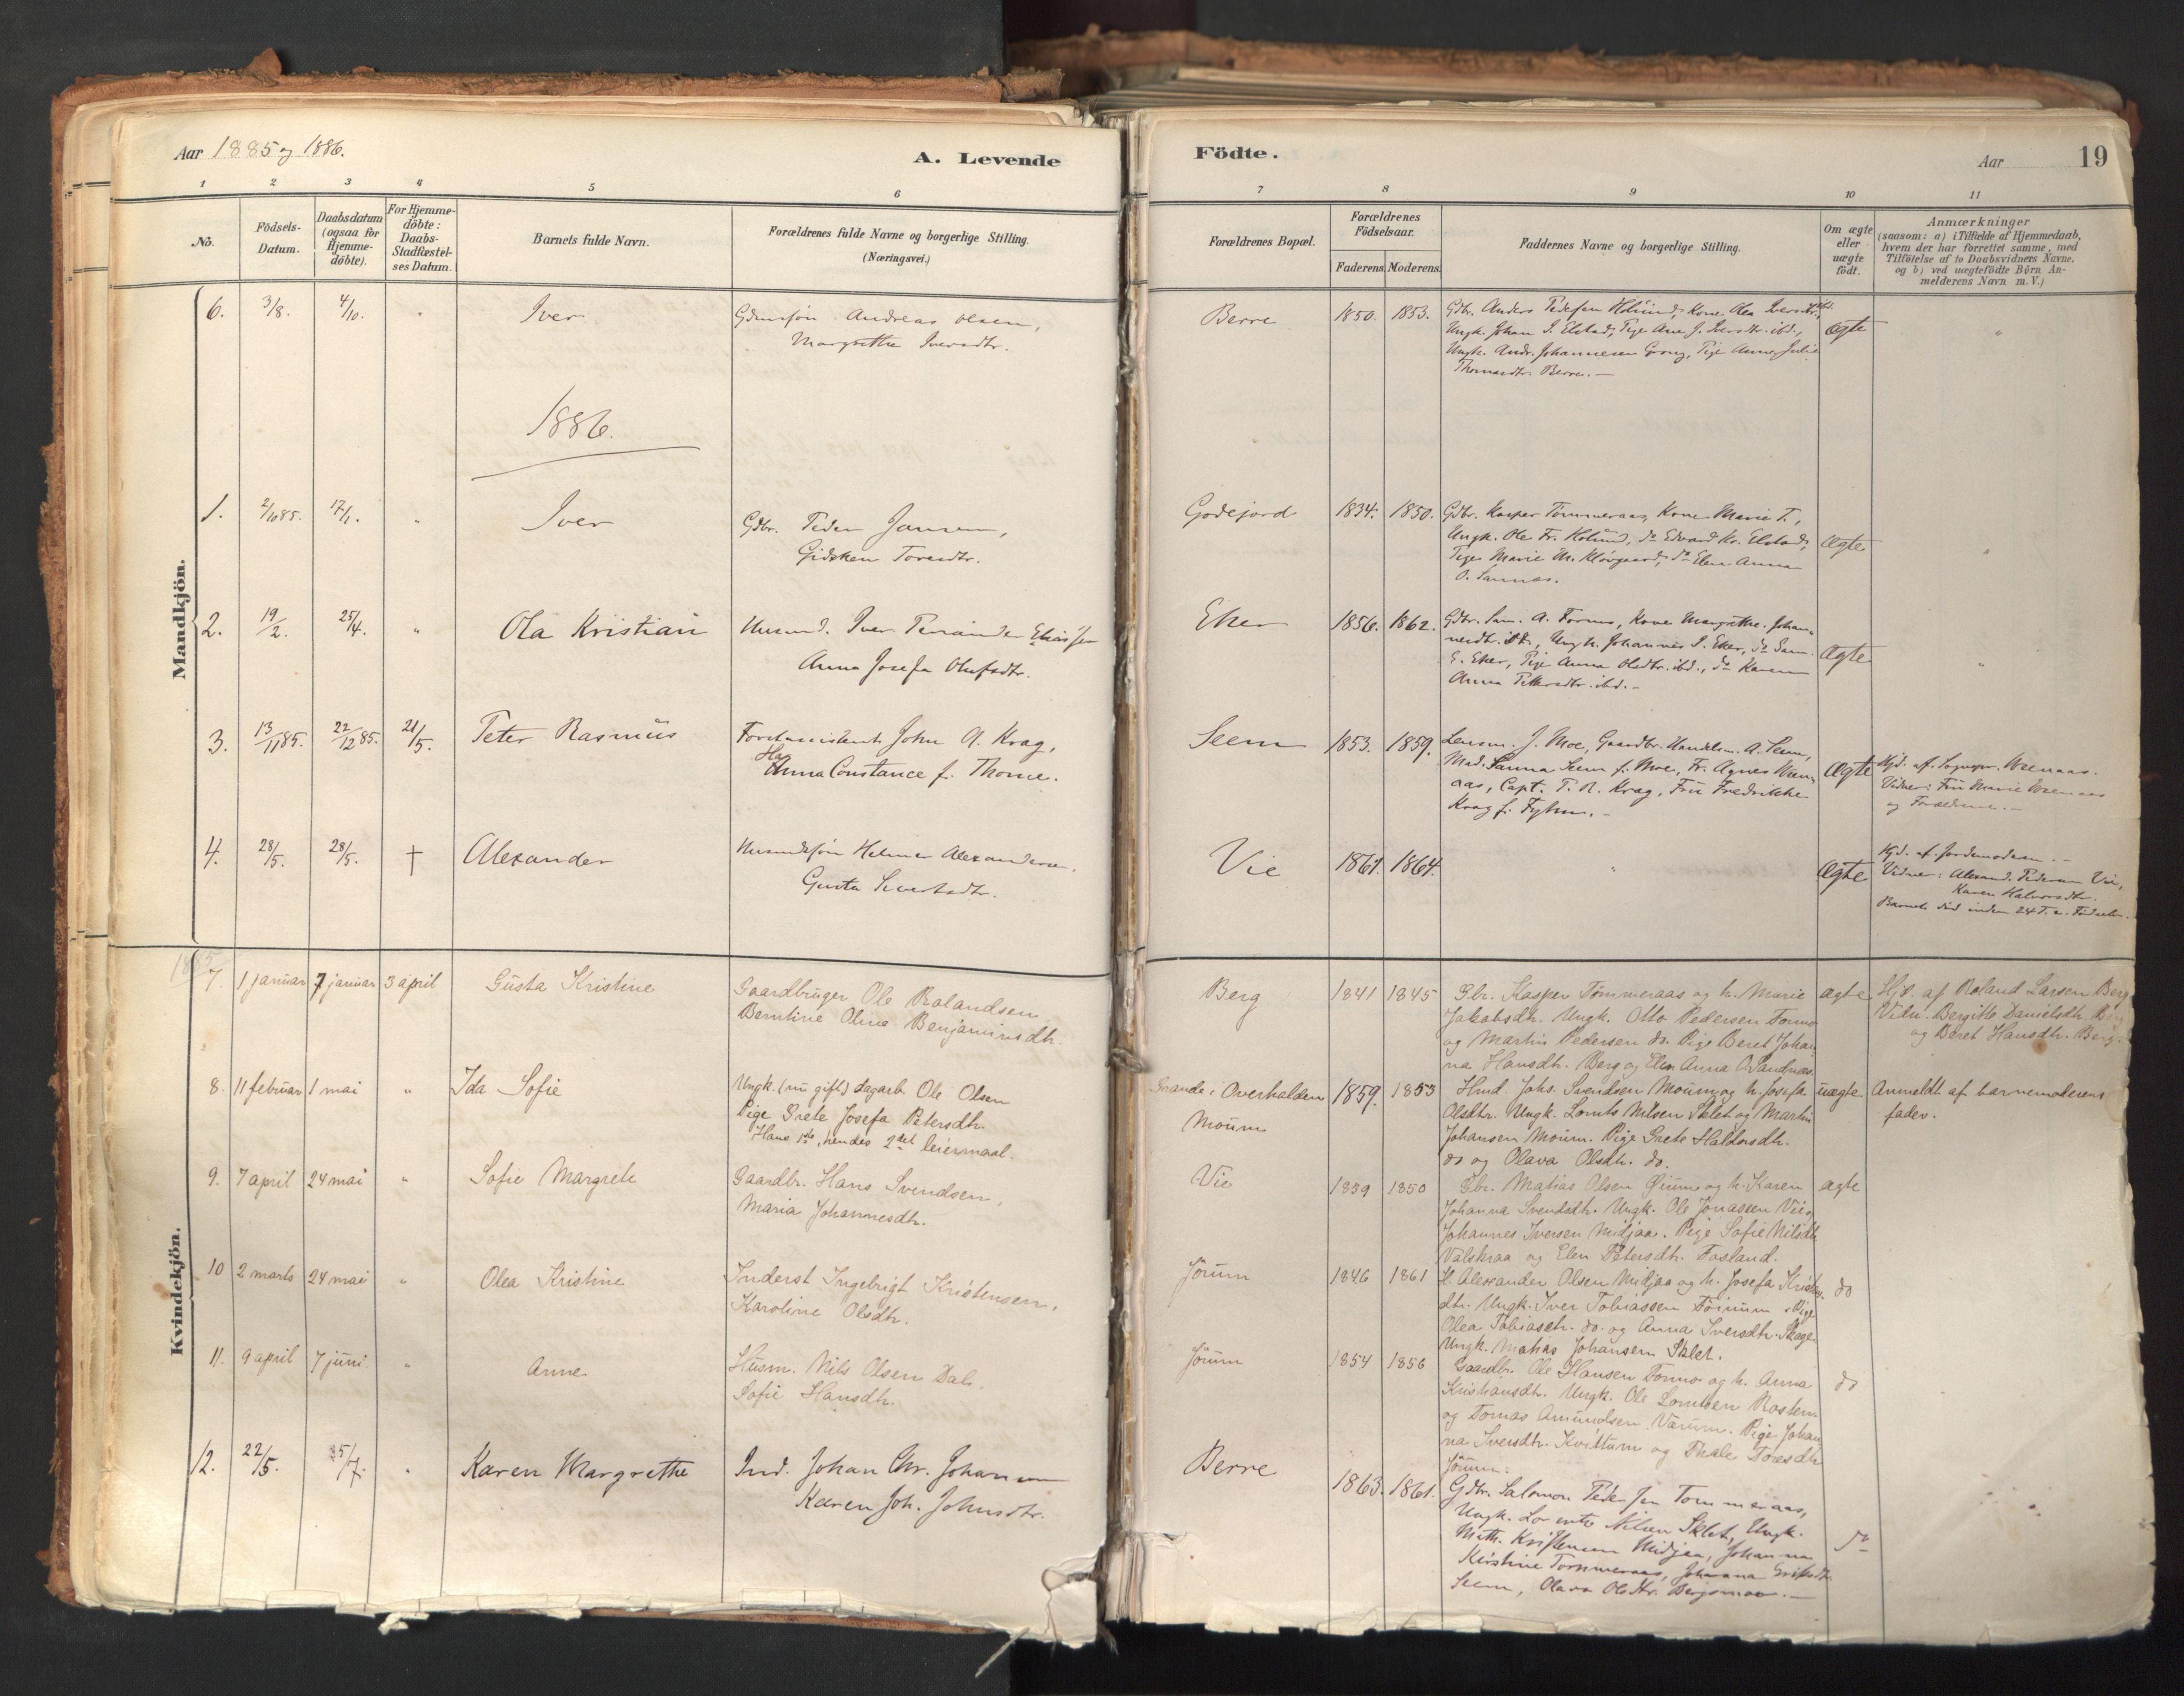 SAT, Ministerialprotokoller, klokkerbøker og fødselsregistre - Nord-Trøndelag, 758/L0519: Ministerialbok nr. 758A04, 1880-1926, s. 19